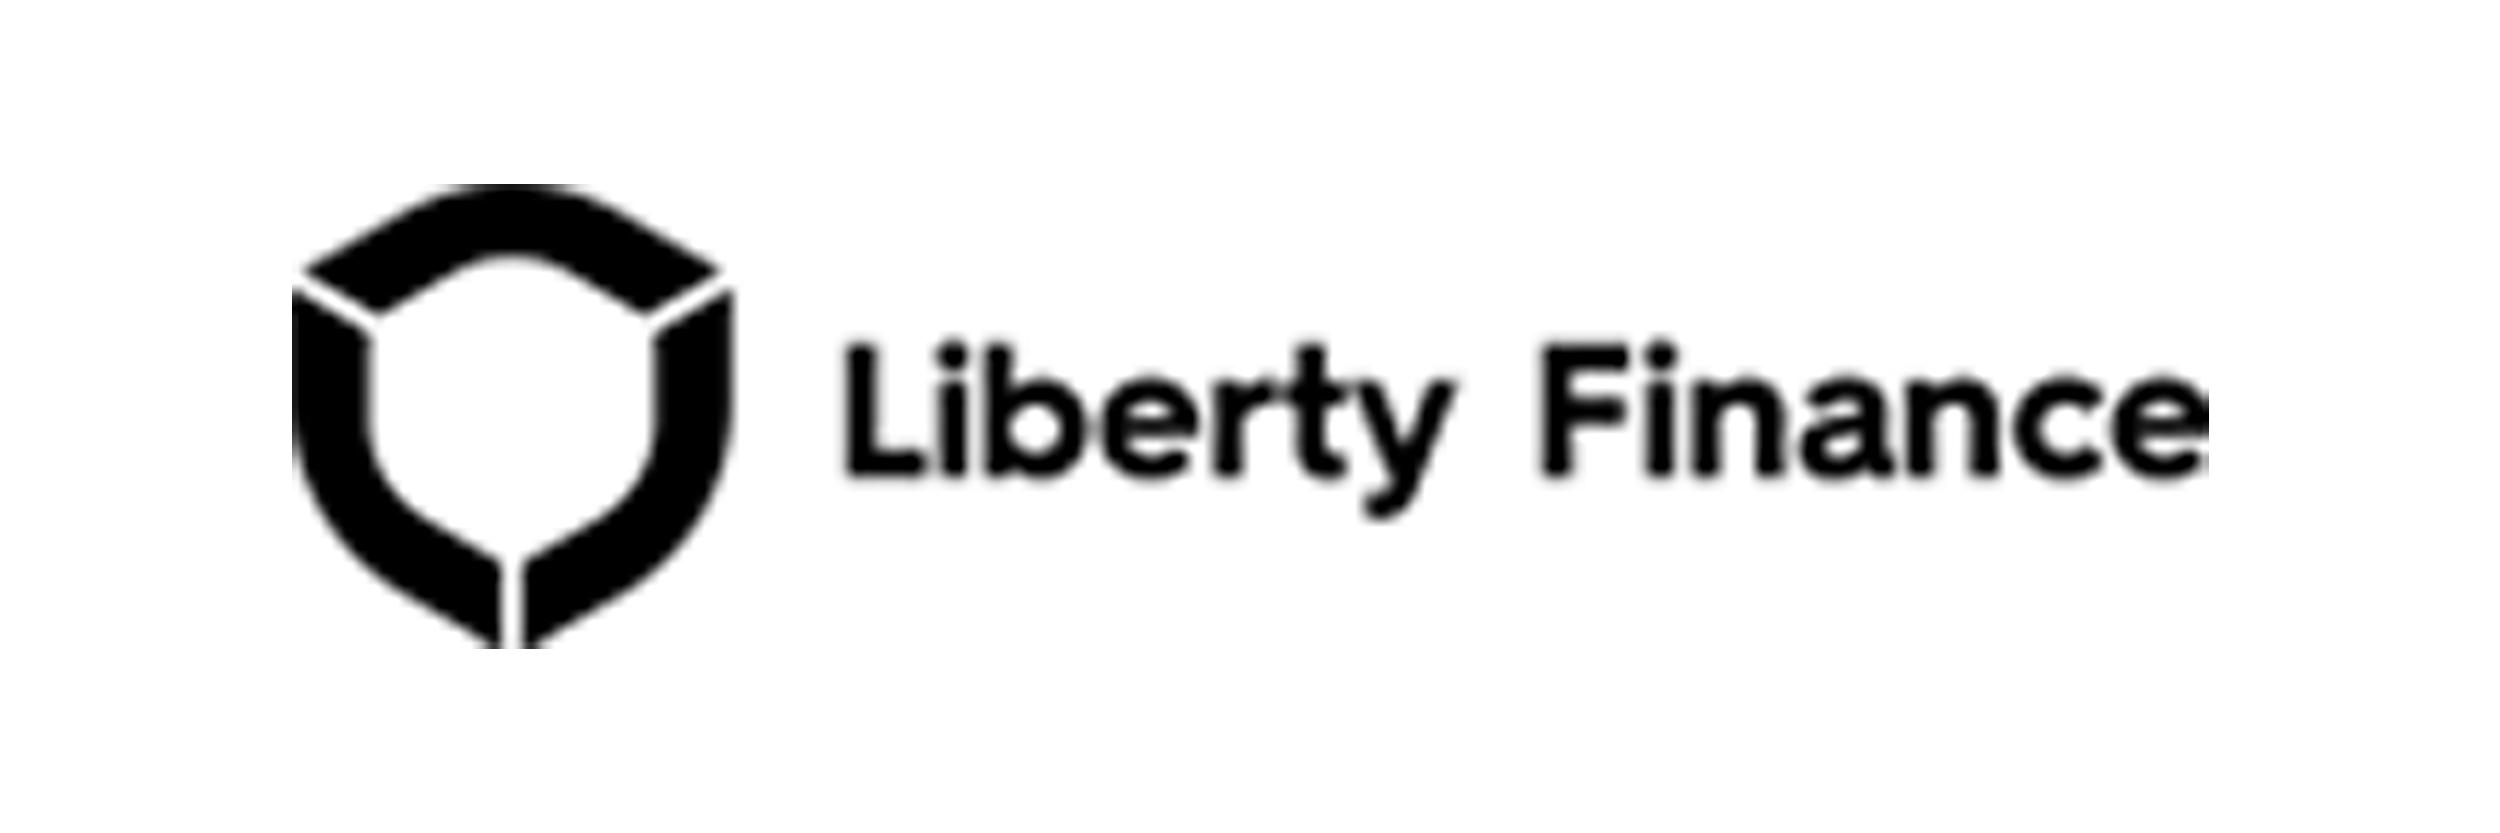 19_liberty finance